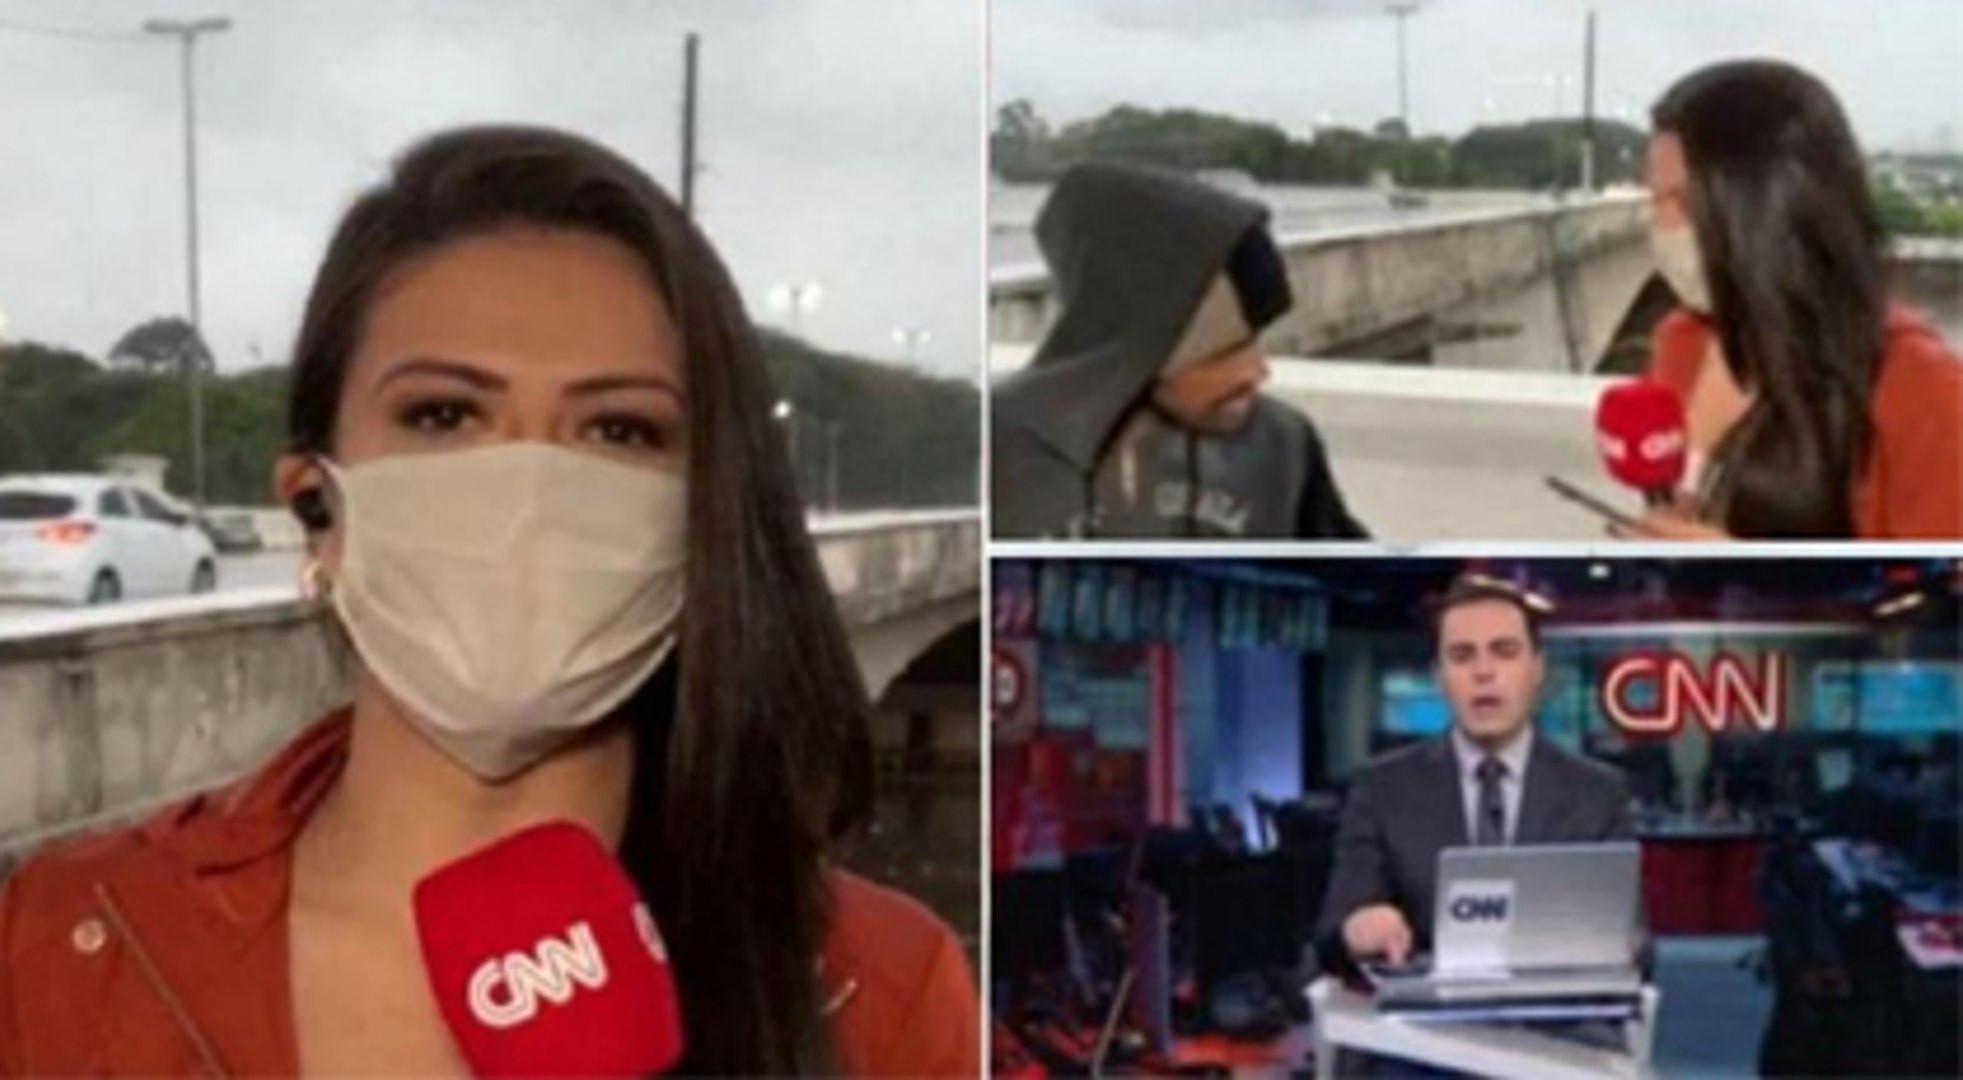 Muhabir canlı yayında soyuldu! O anlar kamerada